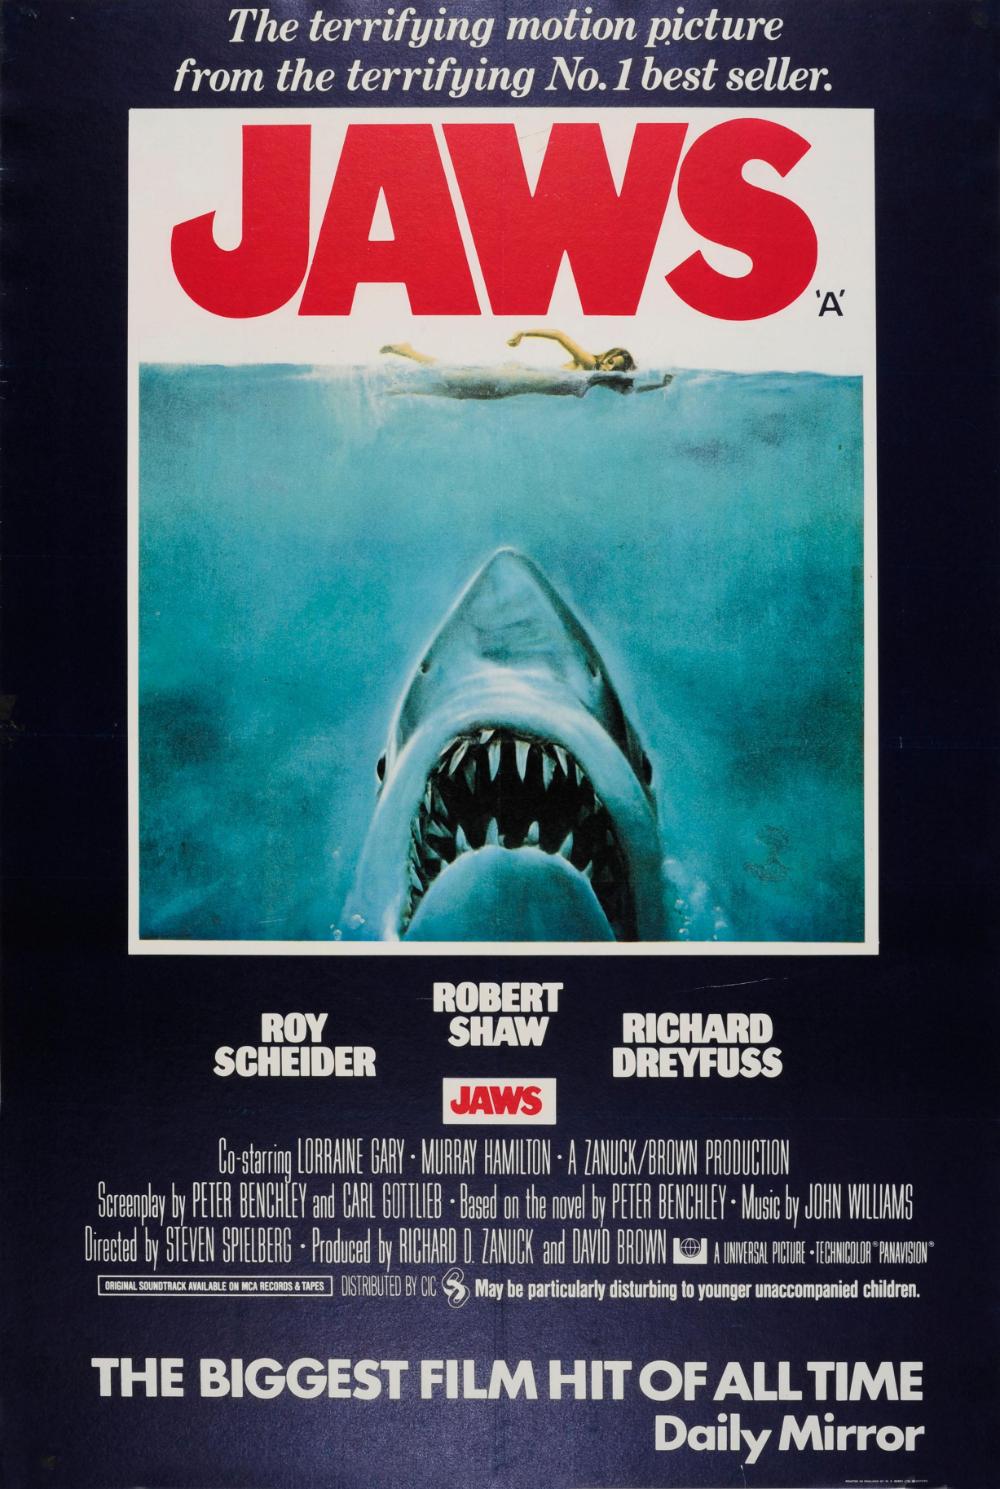 Roger Kastel Original Vintage Steven Spielberg Movie Poster Jaws Iconic Design Shark Swimmer In 2020 Jaws Movie Poster Jaws Movie Steven Spielberg Movies